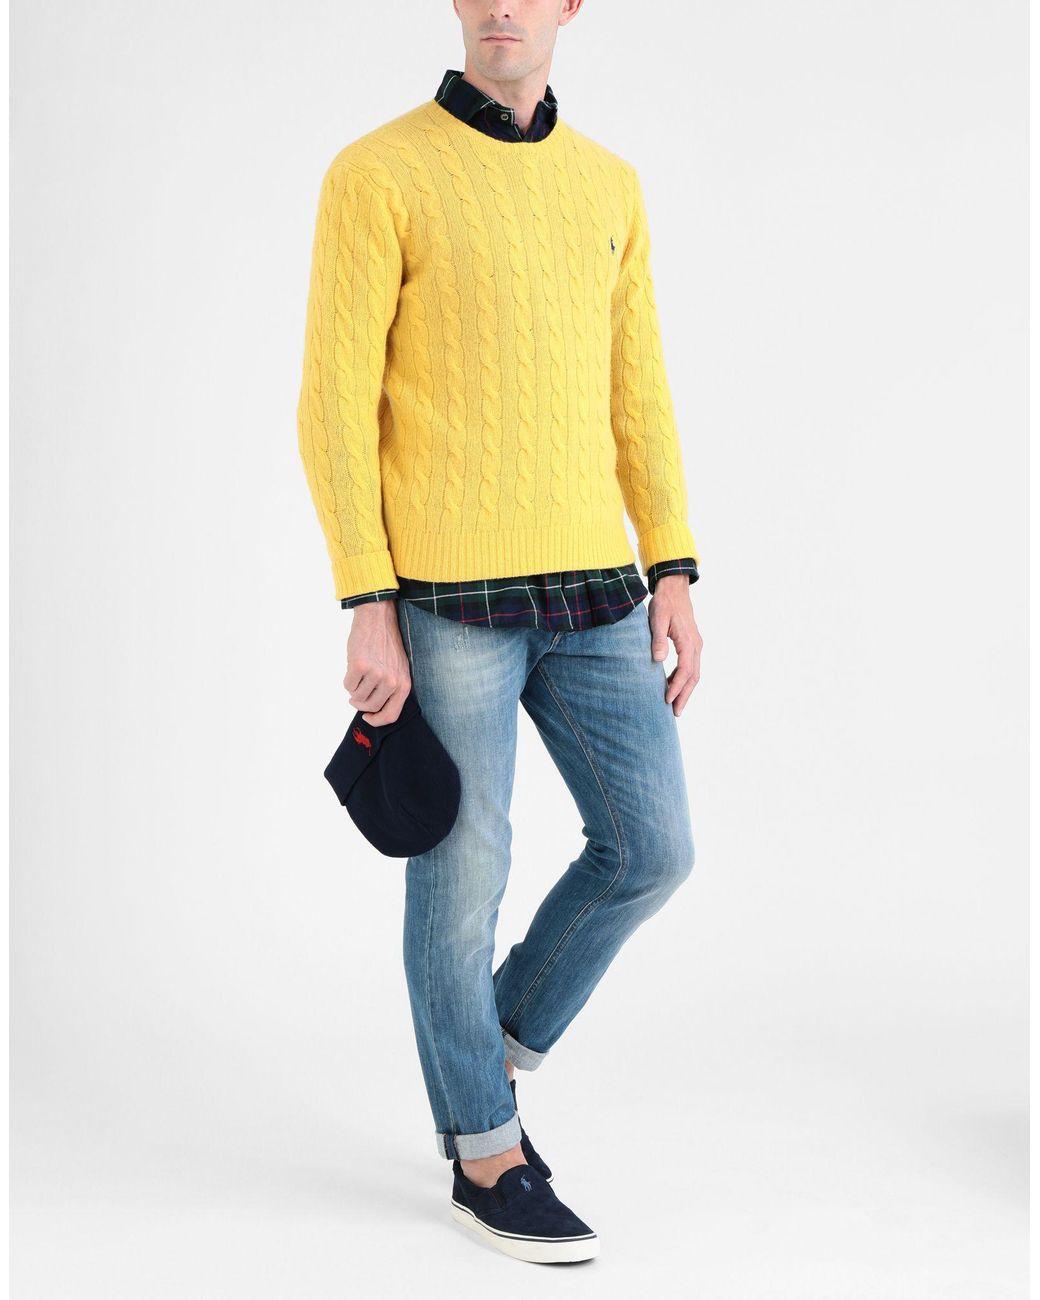 Pullover Lauren Juglzvpsmq En Polo Jaune Homme Pour Lyst Coloris Ralph UzpGLSMqV